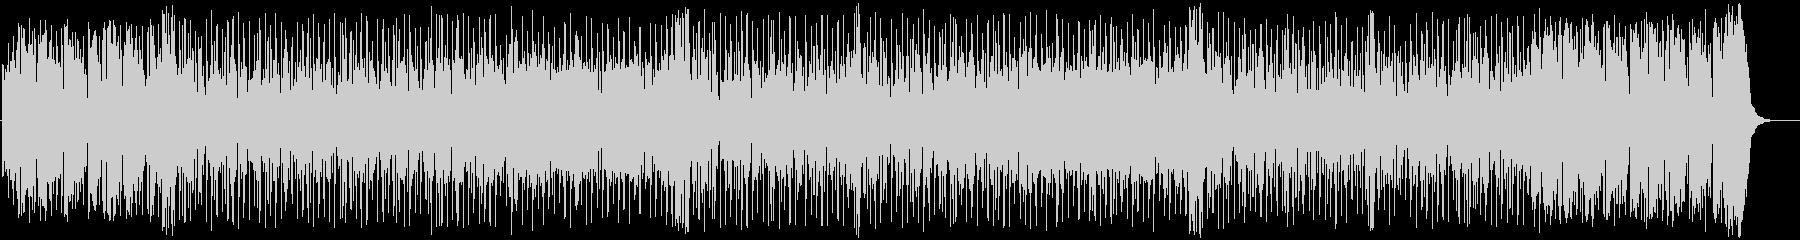 軽快でリズミカルなBGMの未再生の波形